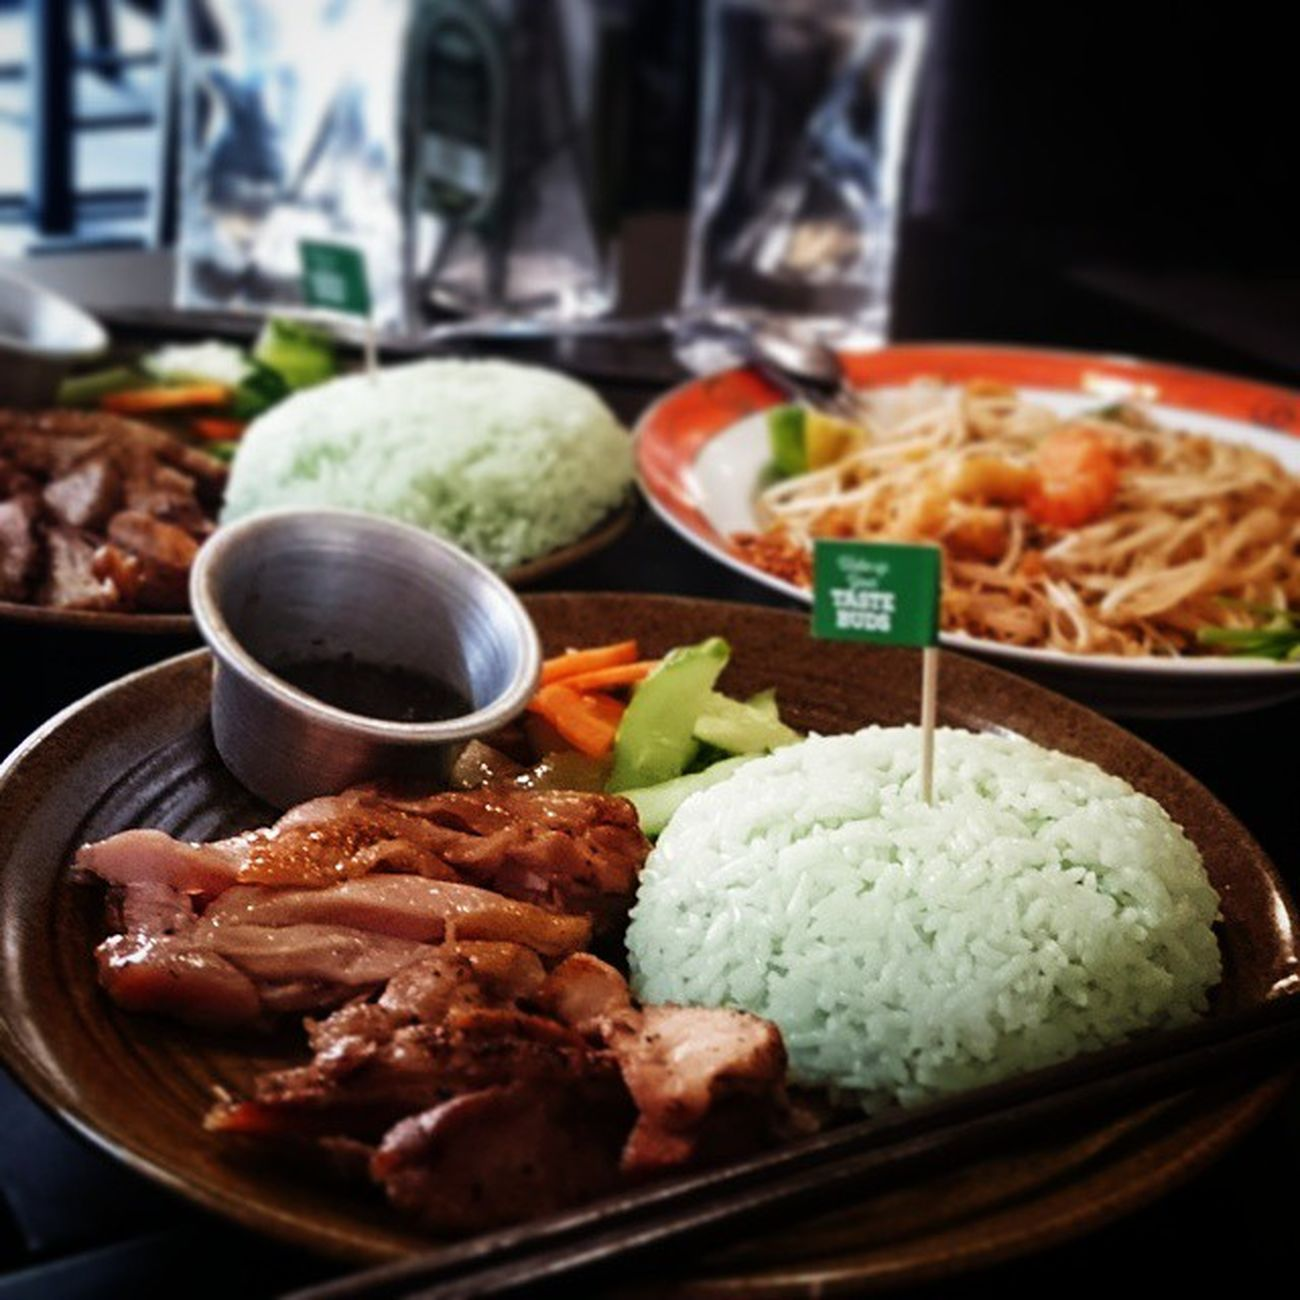 Ngày mệt mỏi nhớp nháp mồ hôiiiii 😱😱😱 Susfoodtrip Hotday Meat Green Rice Foodporn Foodyhanoi Yummy Lozihn Lozi